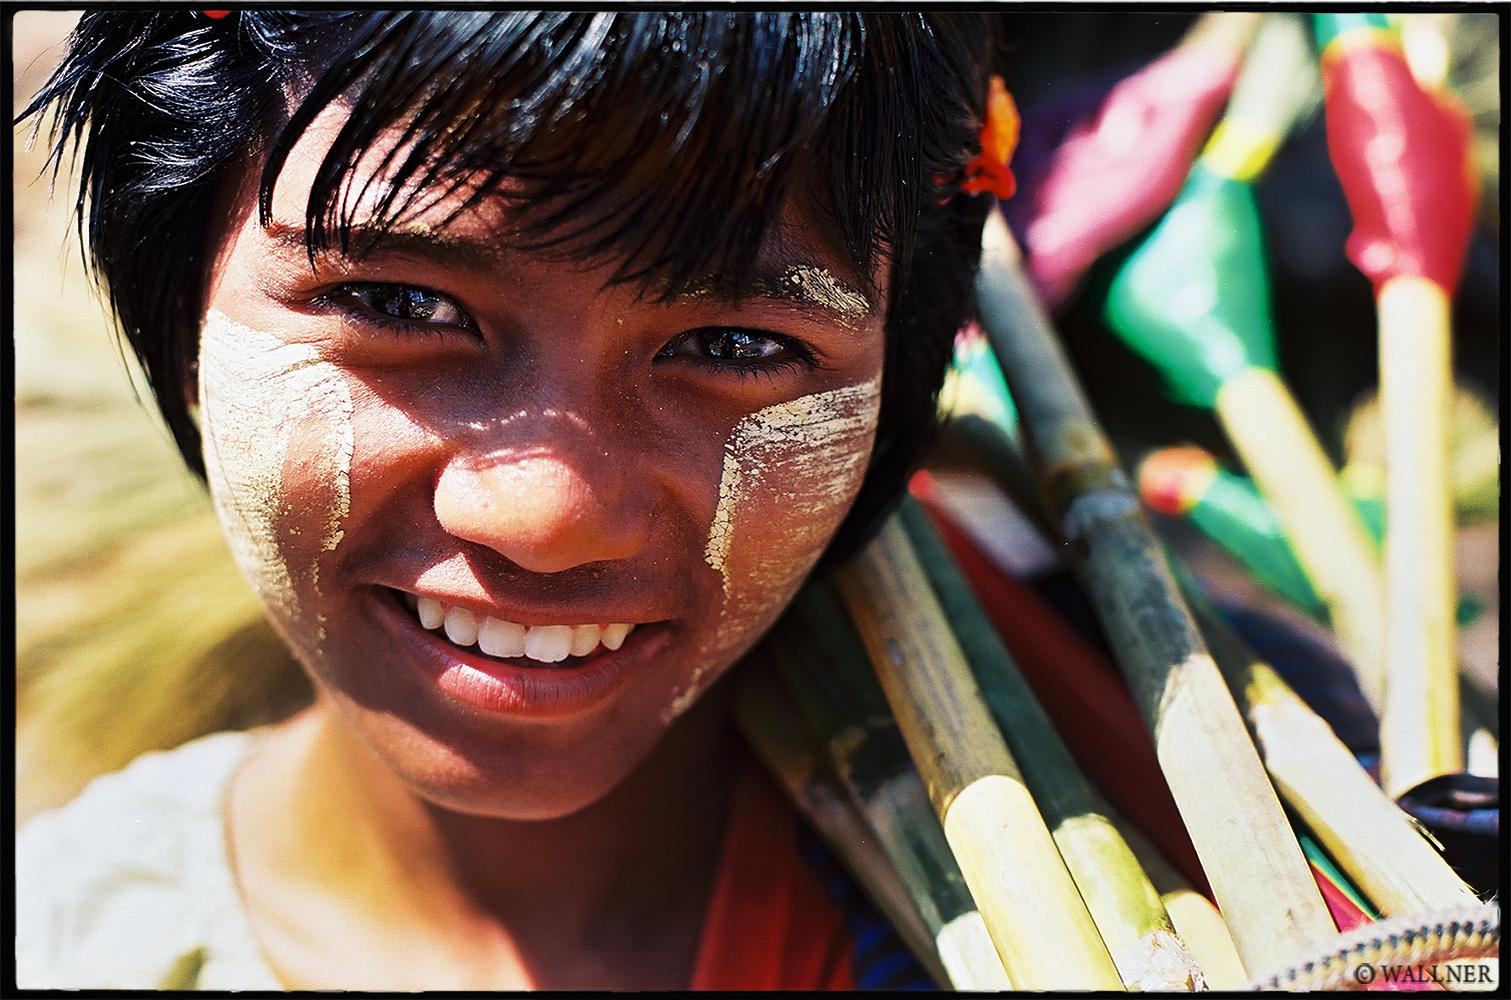 35mmPatrikWallner_Yangon_BroomSellerLOWQ